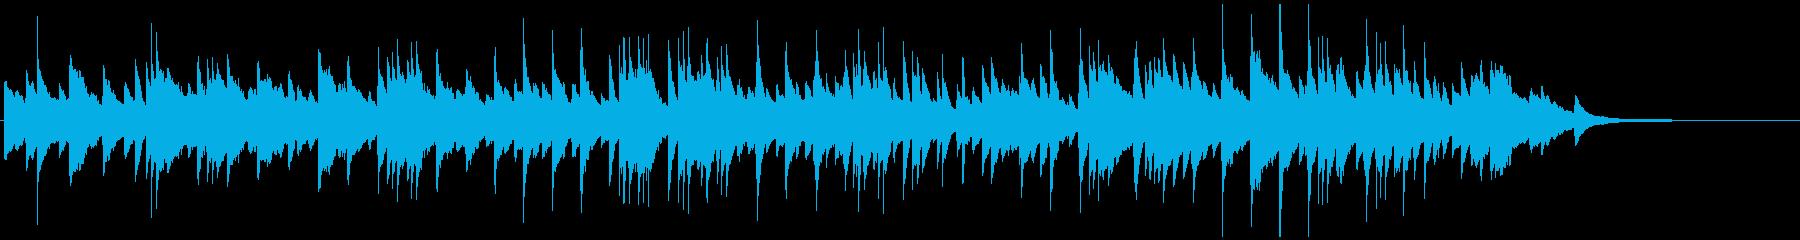 A heartwarming ballad's reproduced waveform